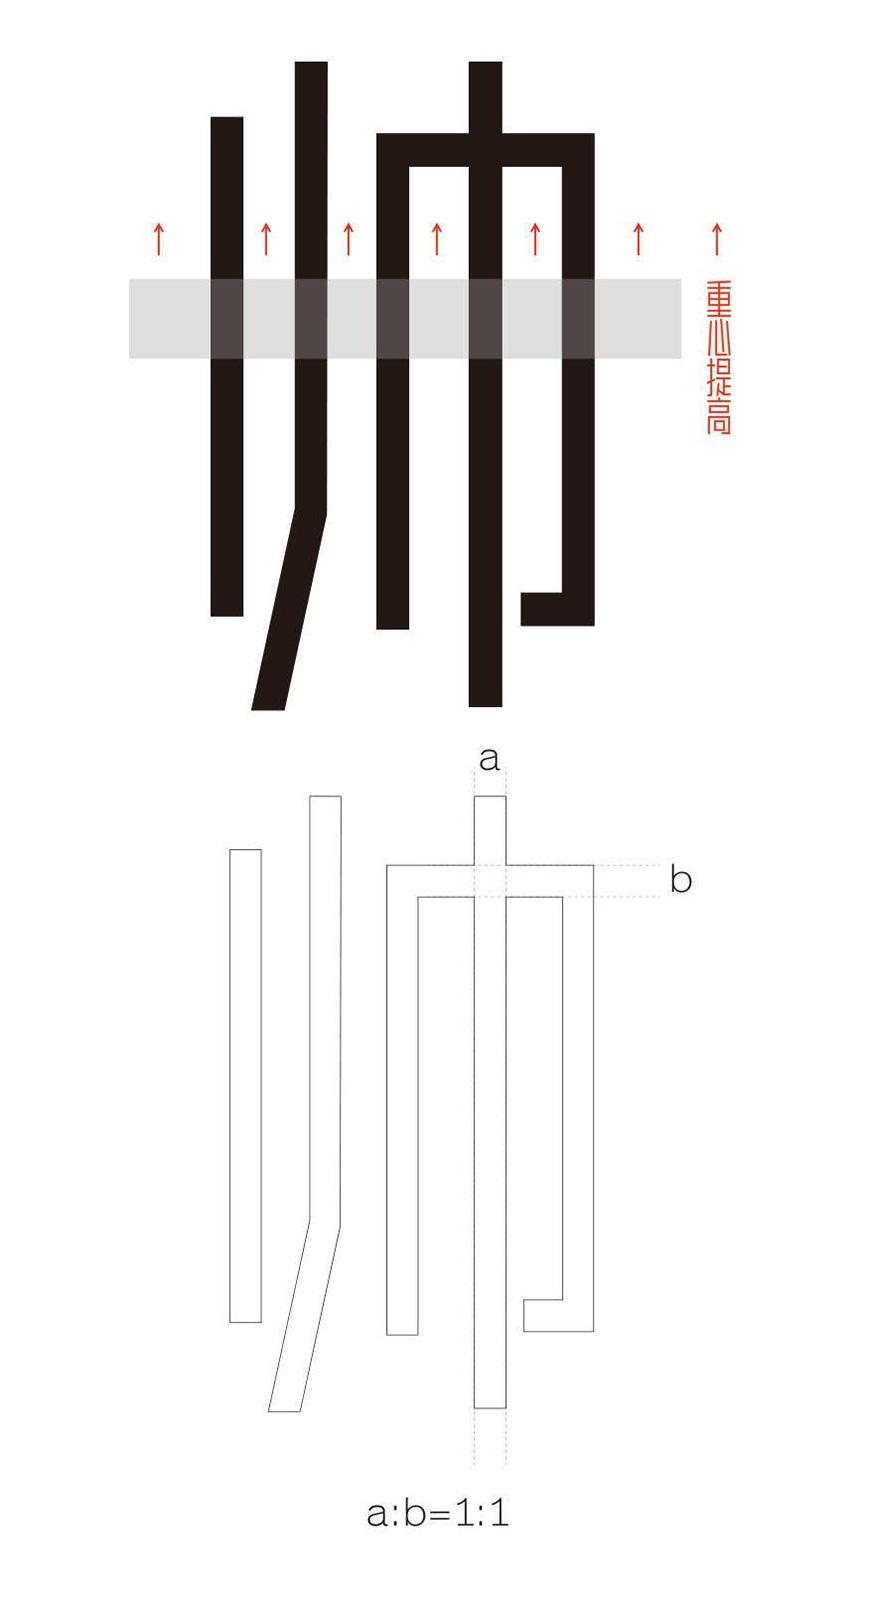 犀利硬朗的字体-胡晓波真帅体下载 免费可商用